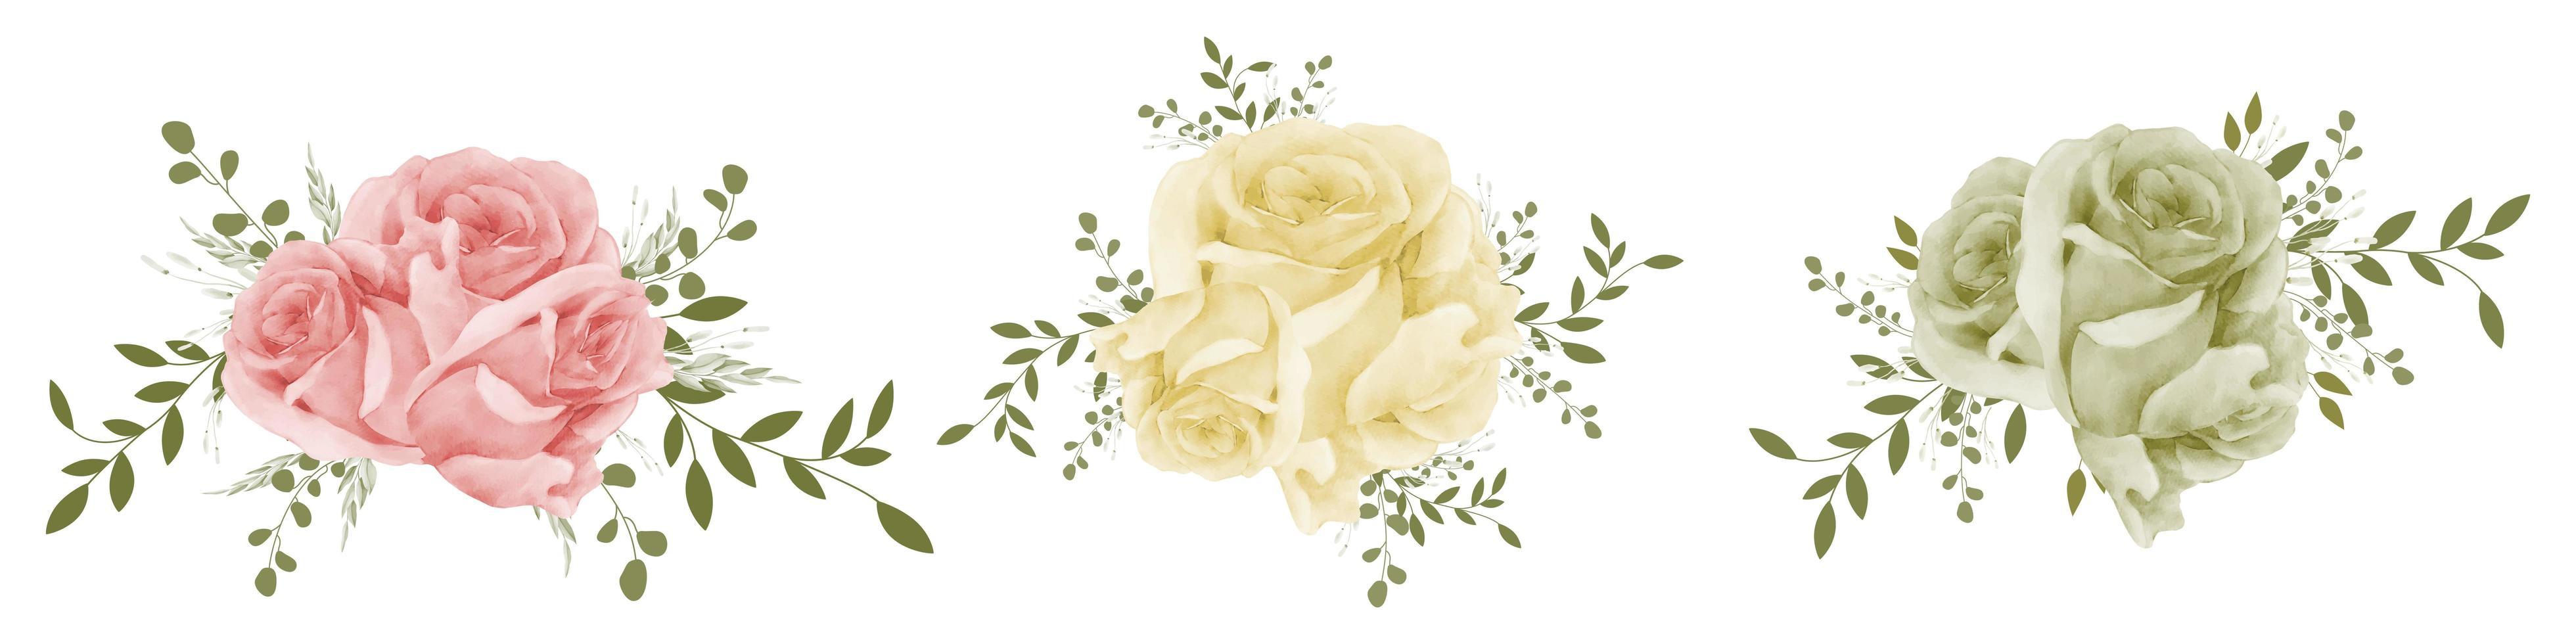 conjunto de ramo de rosas de acuarela vector